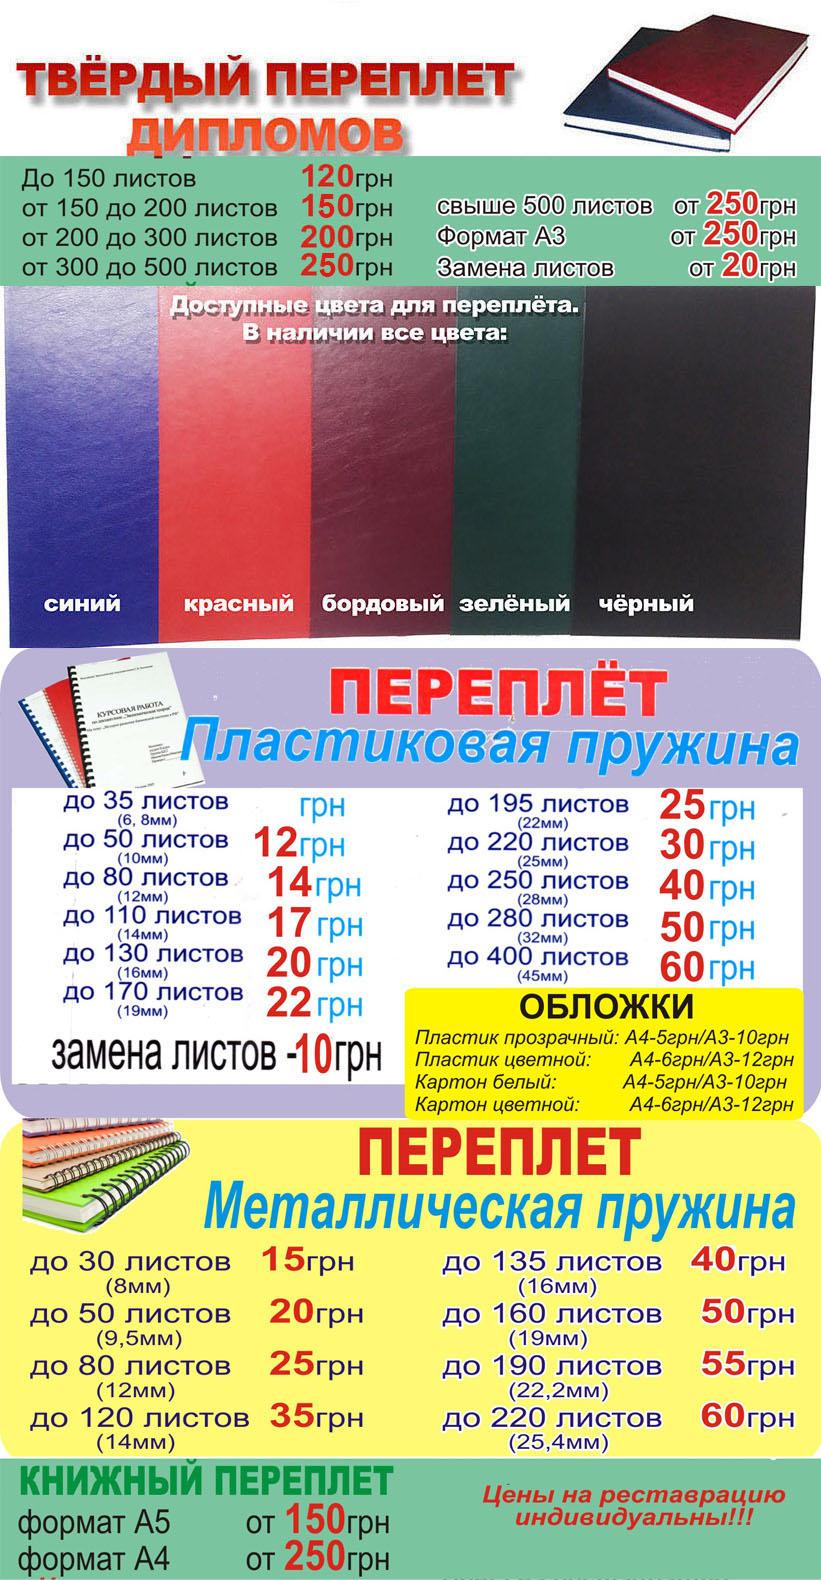 Послепечатные работы в Полиграфцентре на Ленина в  Твердый переплет в Днепропетровске переплет дипломов диссертаций книг сшивка прошивка